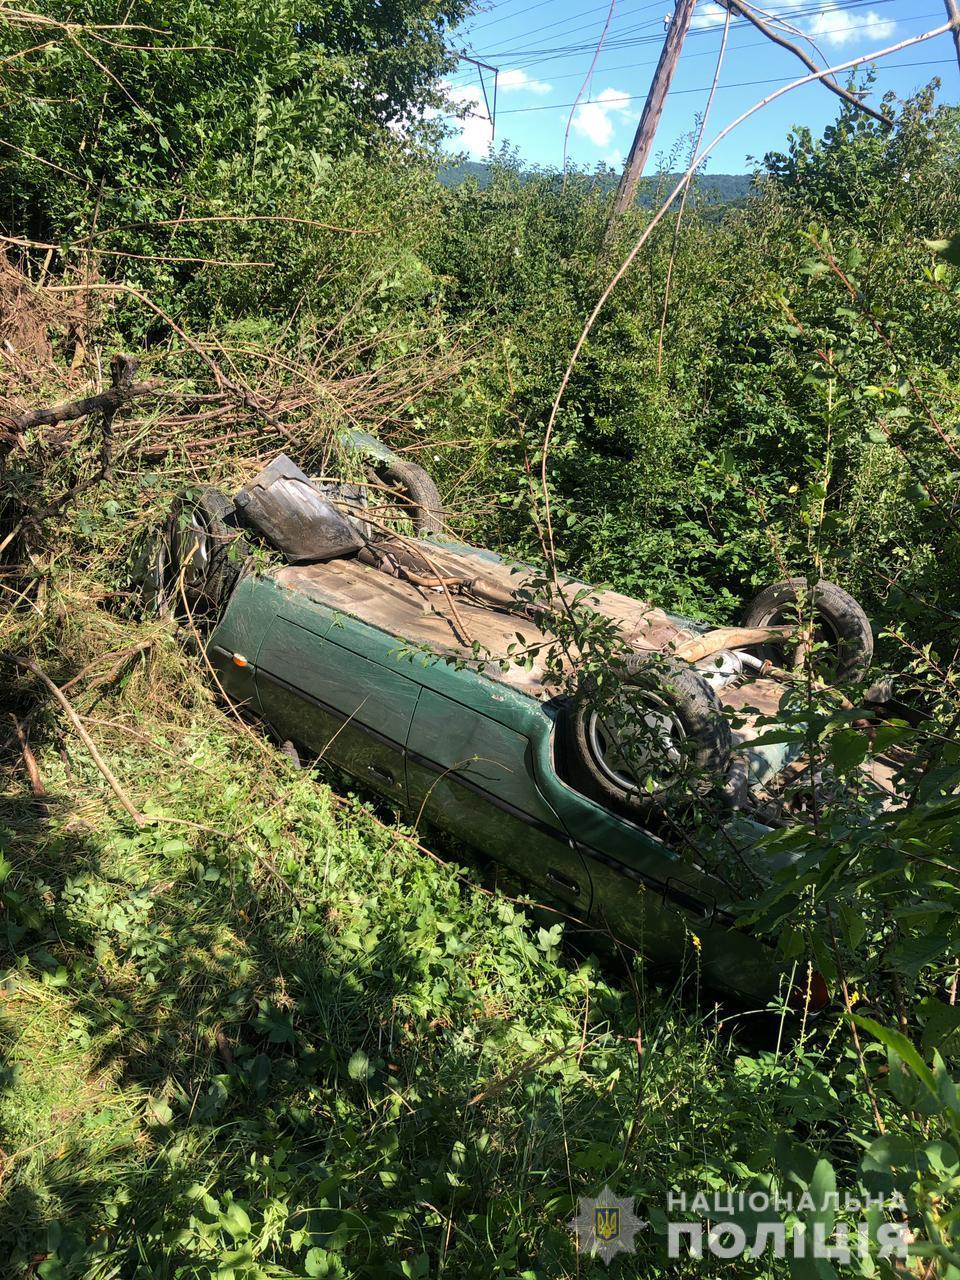 12 серпня до поліції надійшло повідомлення про смертельну аварію між селами Забрідь та Сіль неподалік Великого Березного.